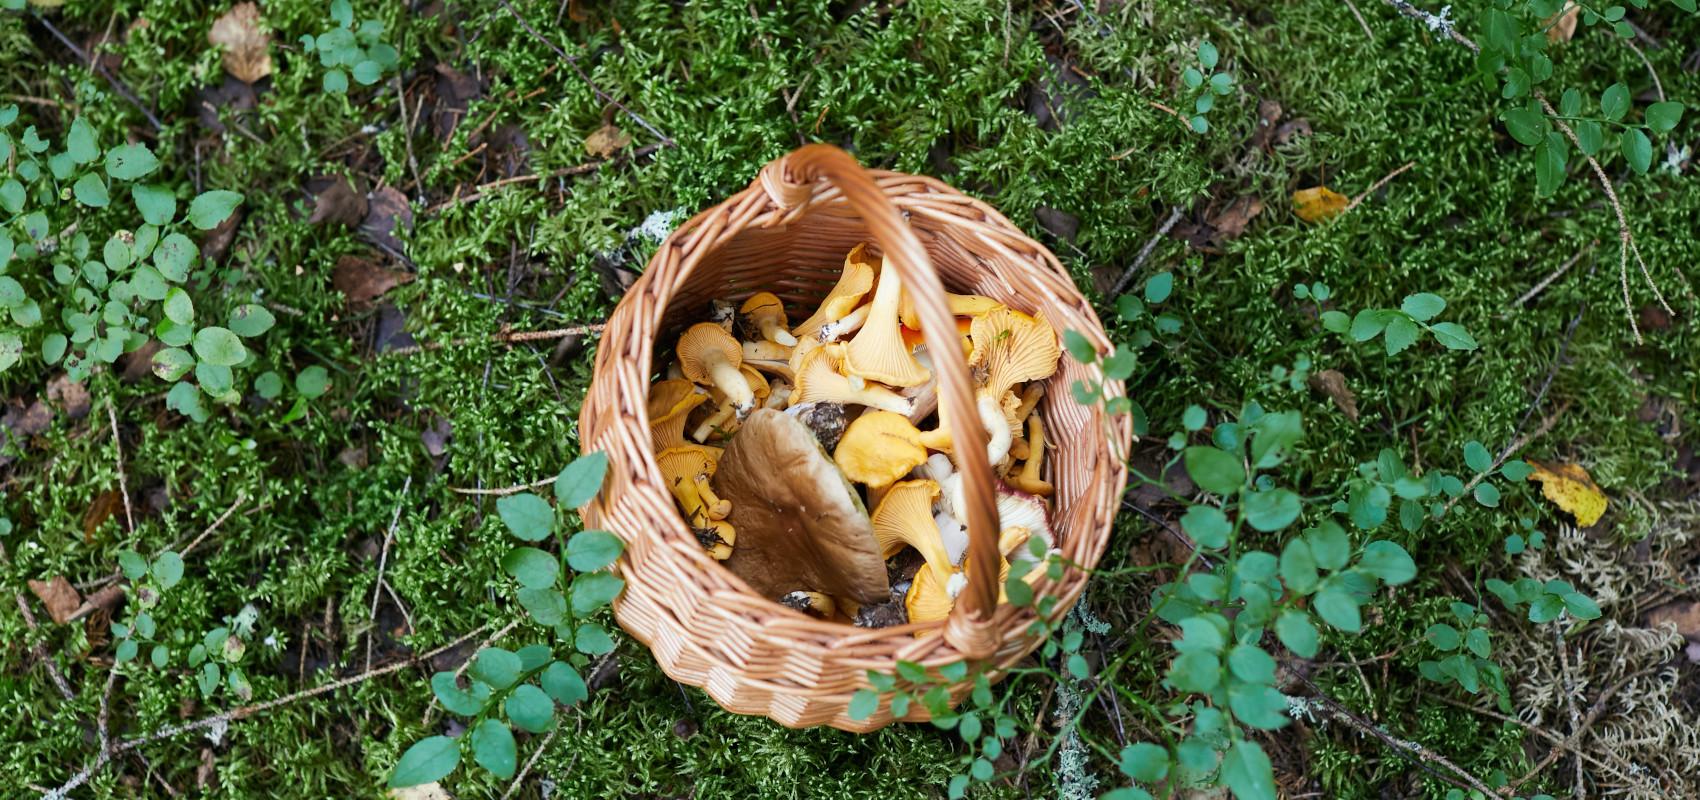 Ucinać czy ukręcać, czyli jak zbierać grzyby